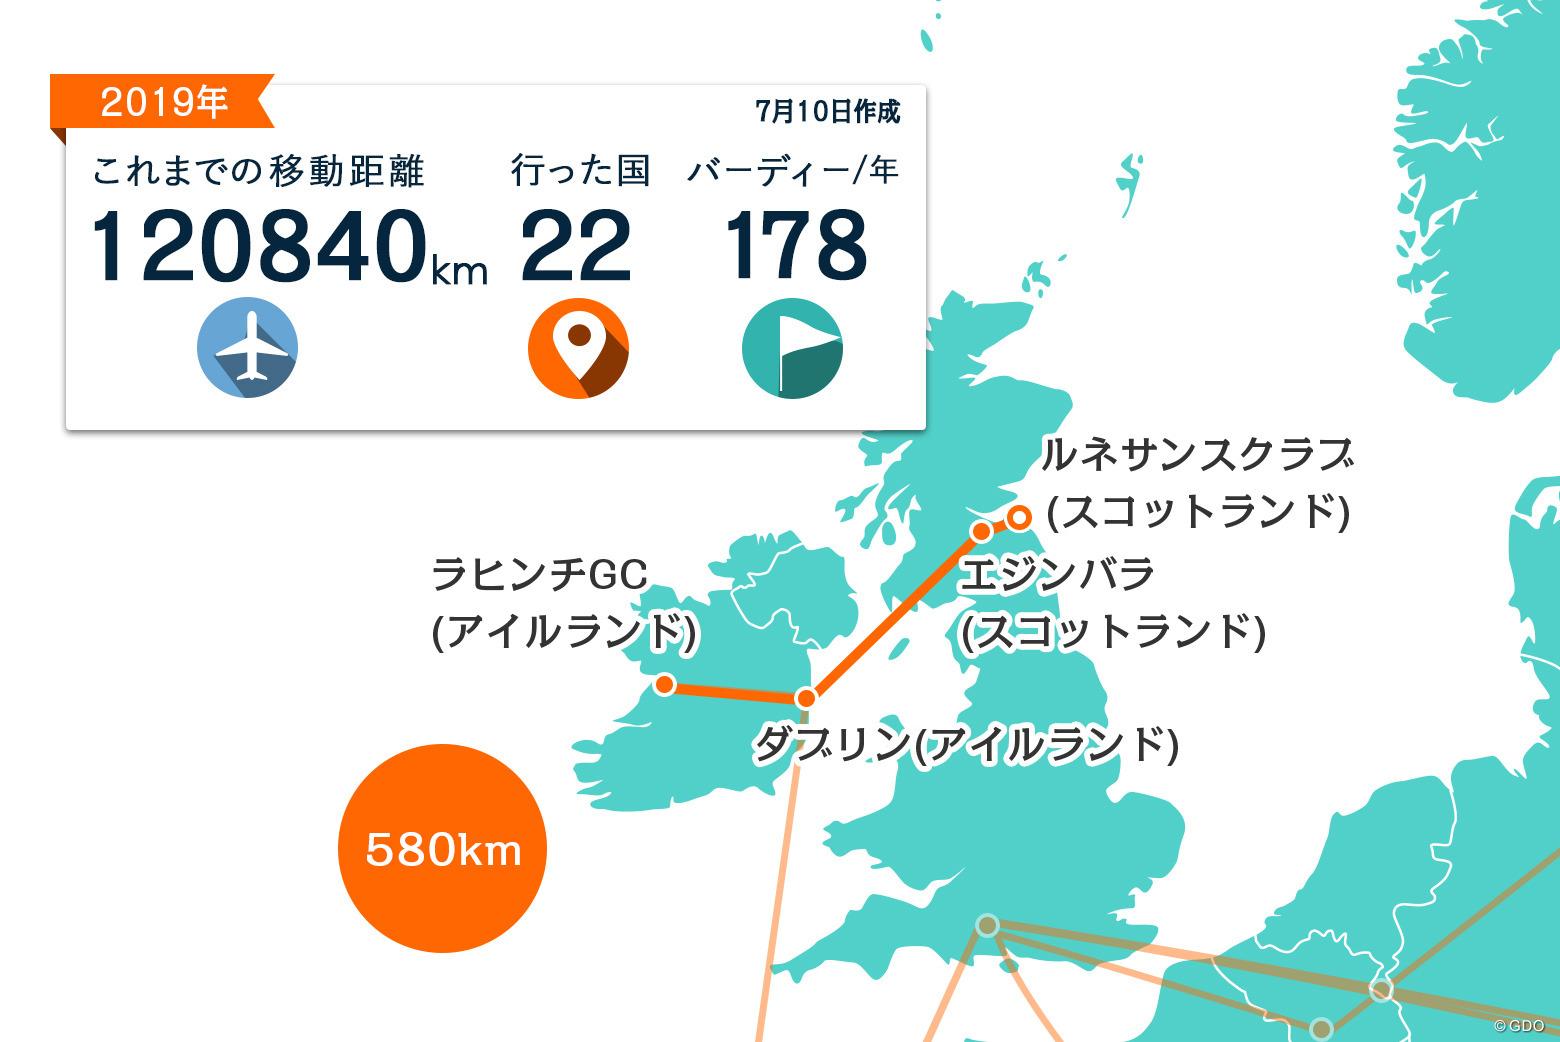 アイルランドからスコットランドへは直行便で 2019年 アバディーン ...